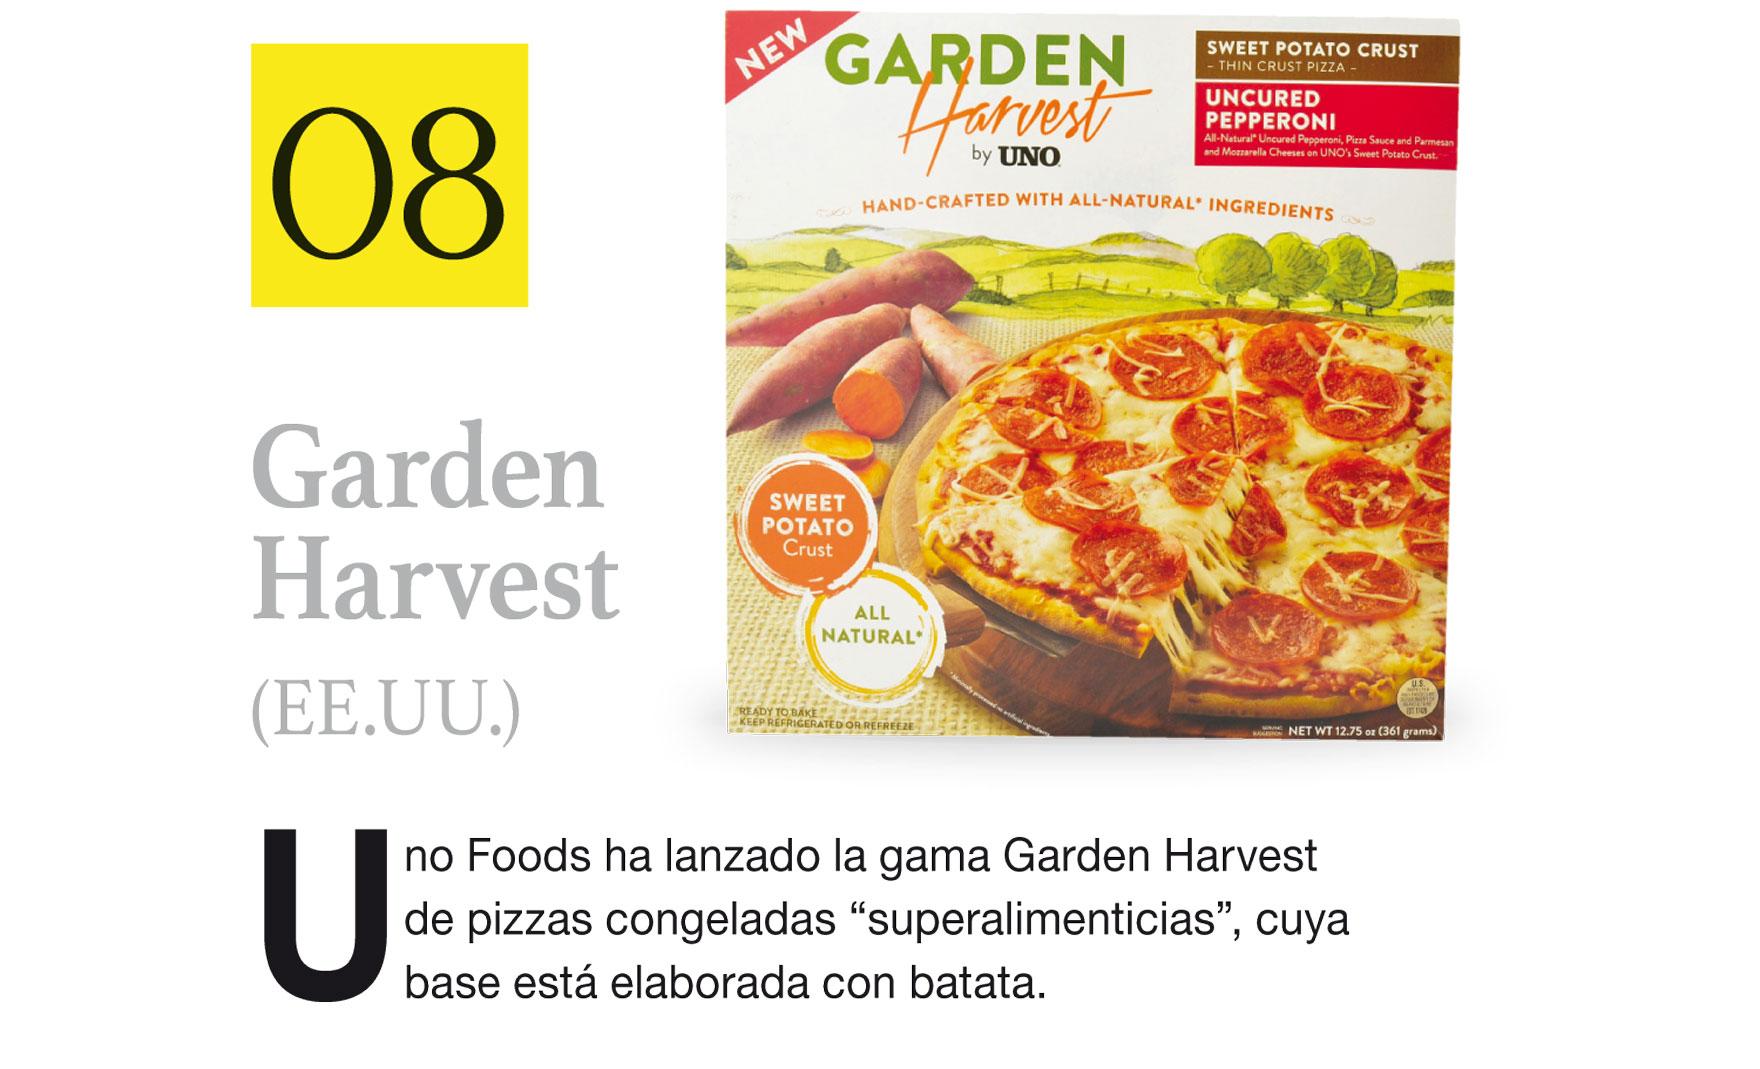 Garden Harvest (EE.UU.)